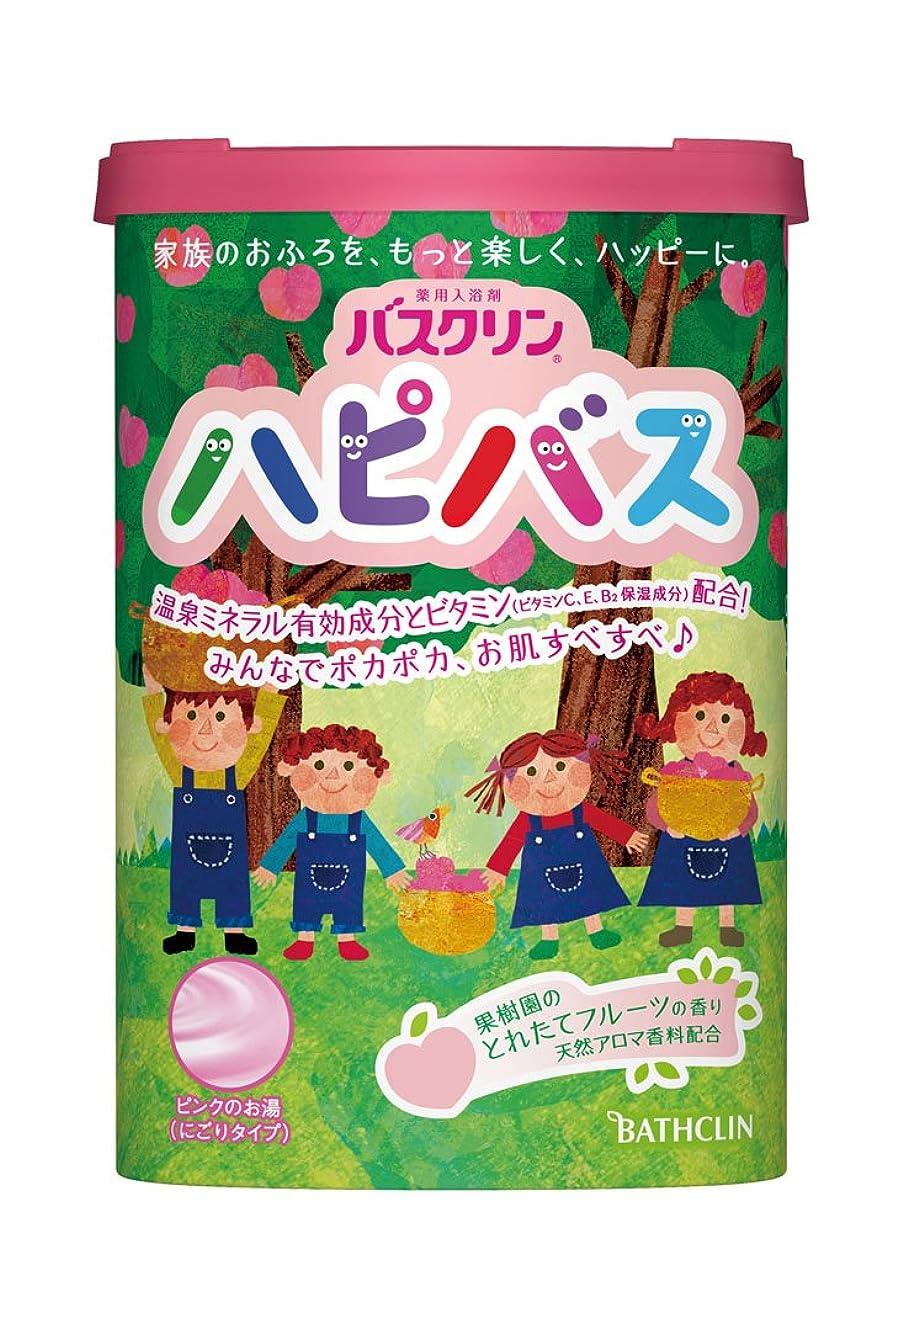 資産発明する不名誉バスクリン ハピバス 果樹園のとれたてフルーツの香り 600g にごりタイプ 入浴剤 (医薬部外品)